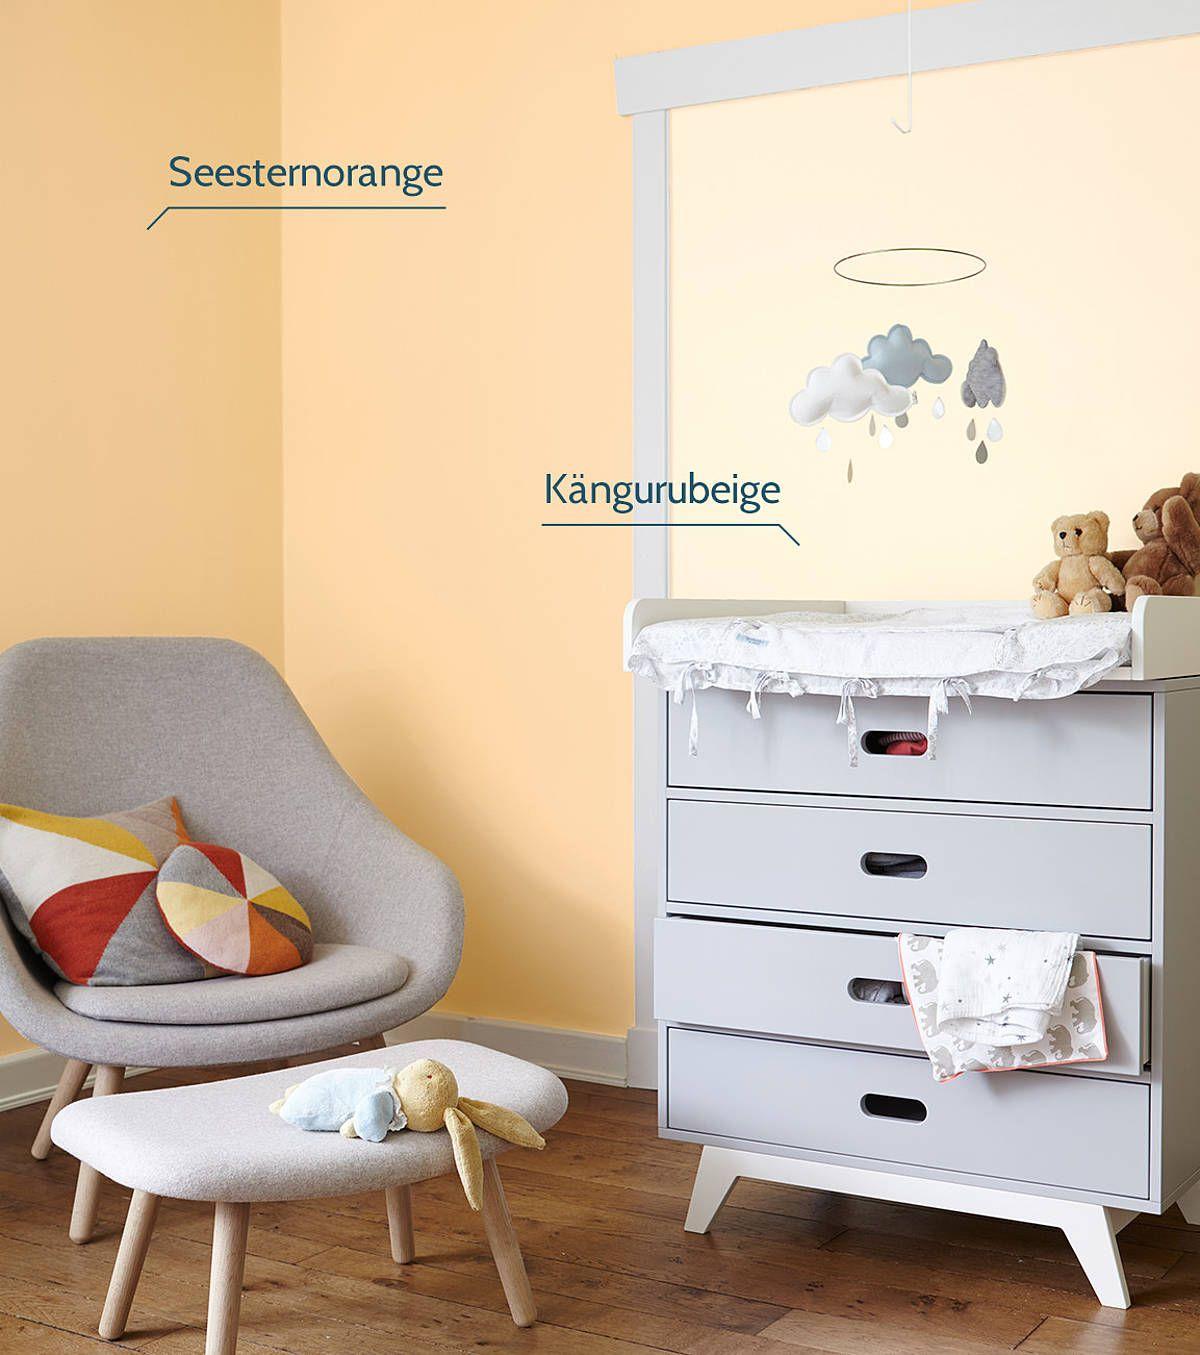 2 Jahre Kinderzimmer Farbe Kinderzimmer Streichen Babyzimmer Wandgestaltung